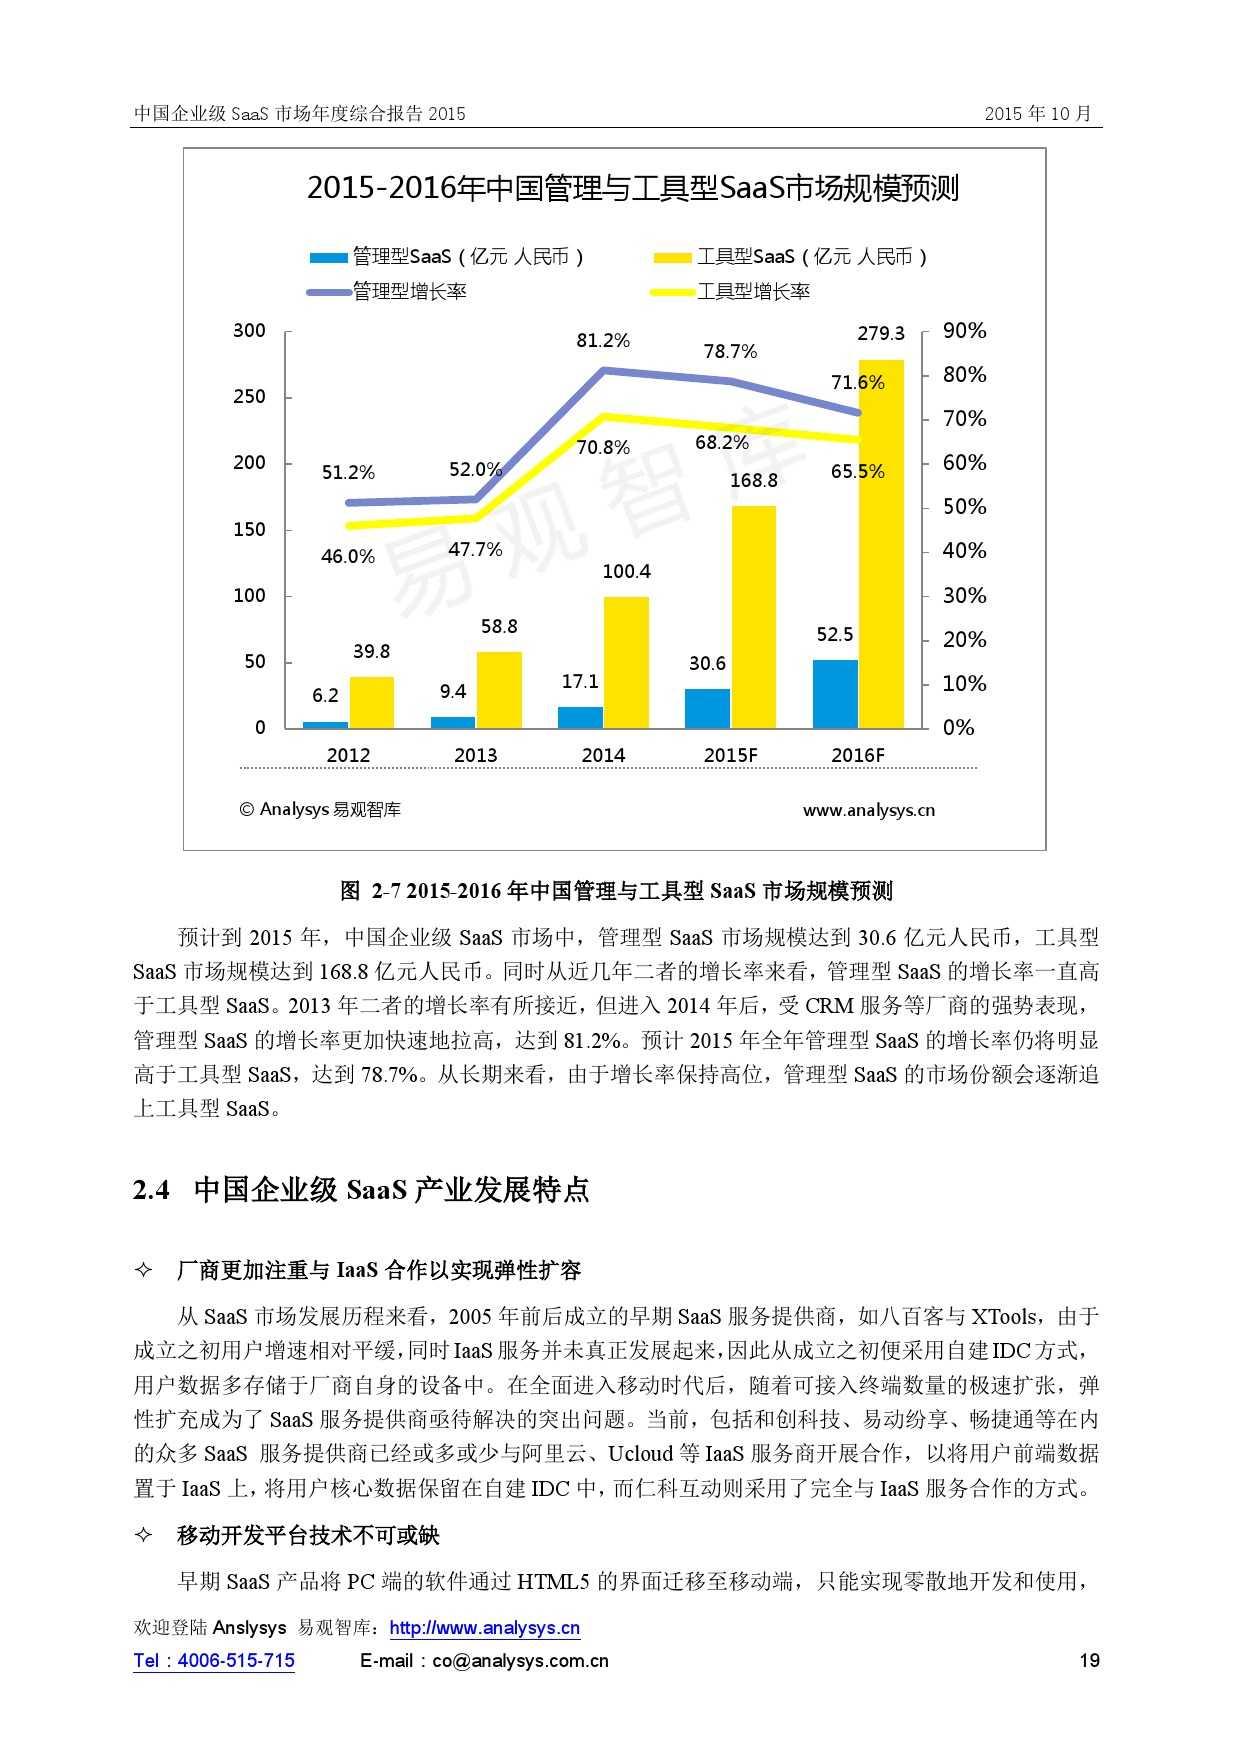 中国企业级SaaS市场年度综合报告2015 01_000019